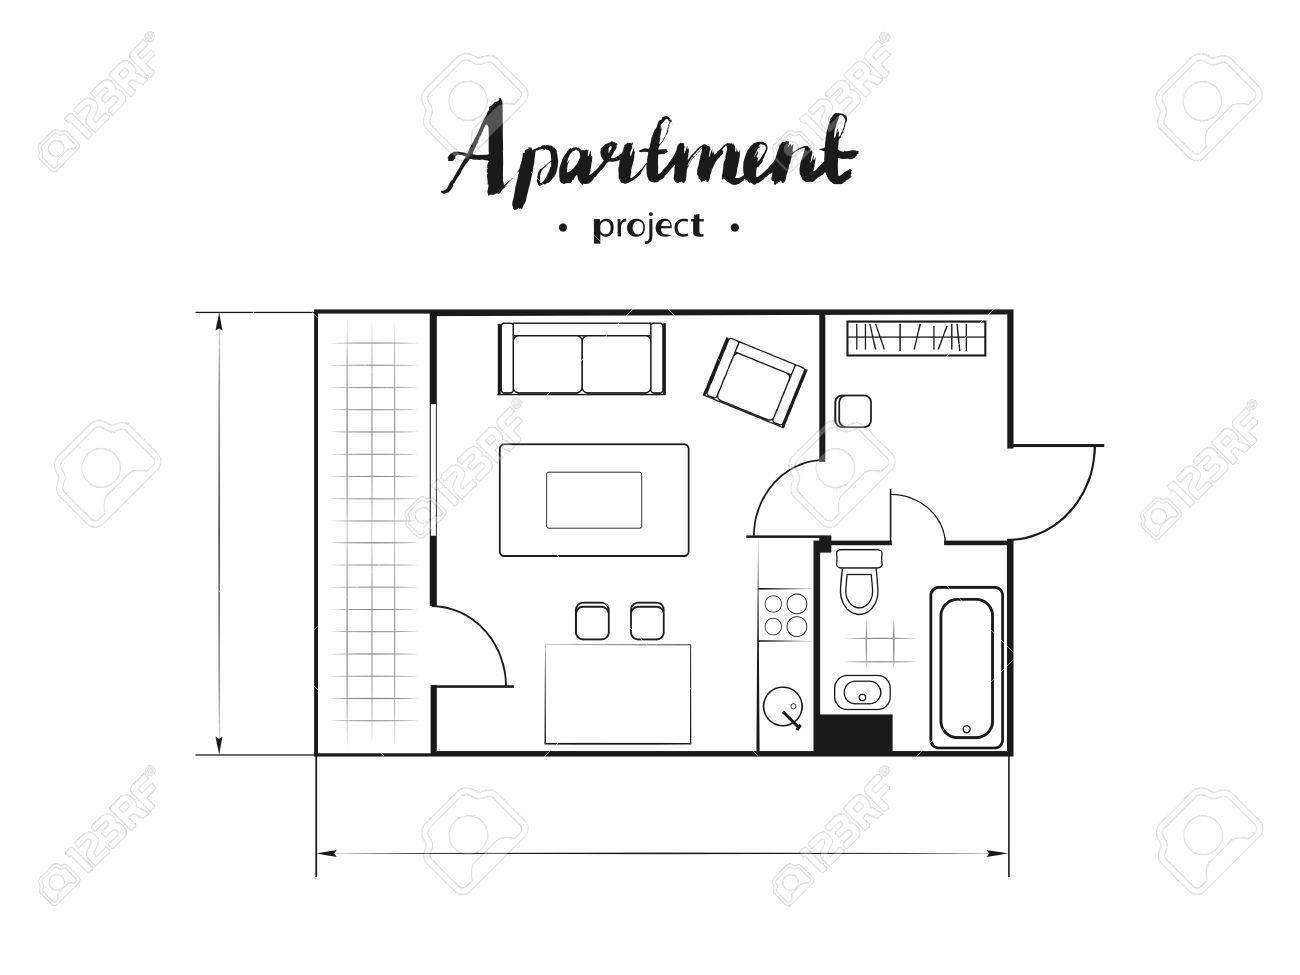 Proyecto de apartamentos con muebles. Cocina, sala de estar, dos  dormitorios y balcón. inscripción manuscrita. Ilustración vectorial de la  vista ...